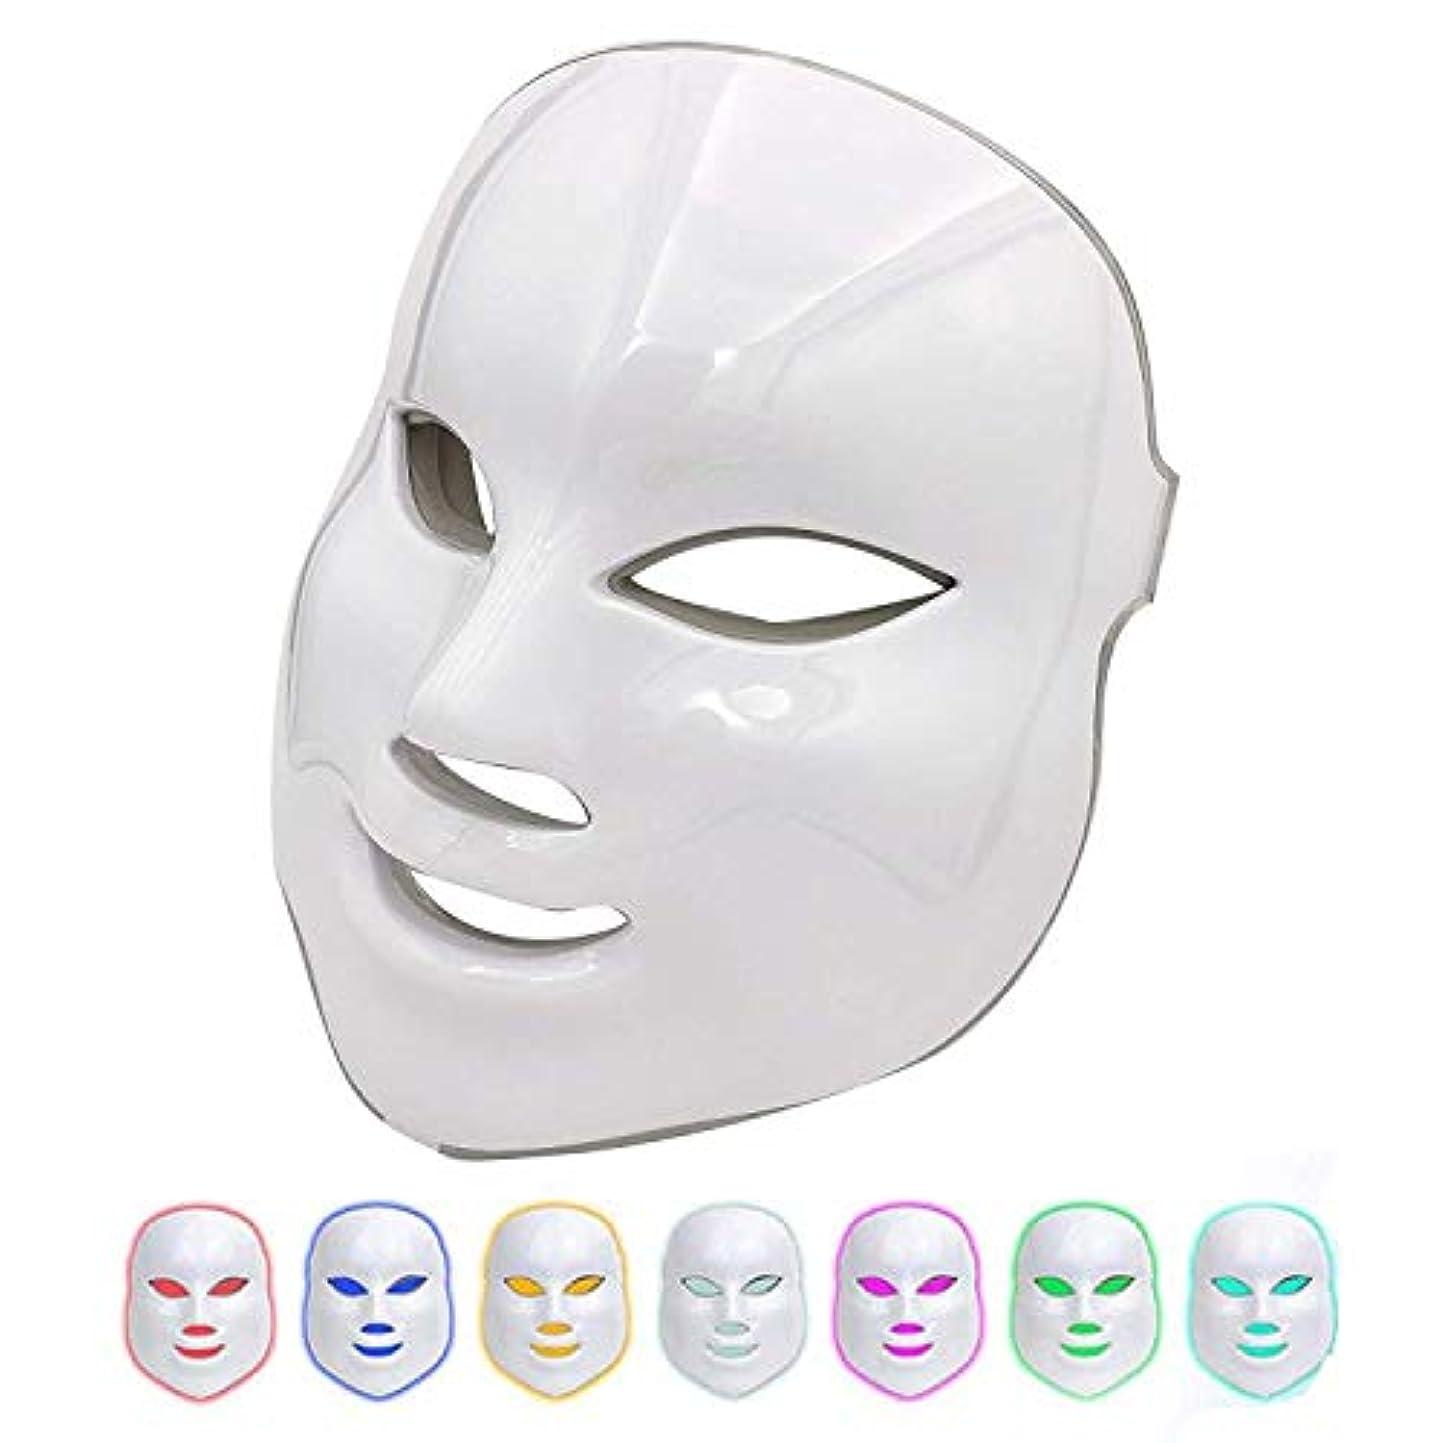 哲学靴なだめる美容マスク7色ledライト光子療法にきび跡除去アンチエイジング肌の若返りフェイシャルケアフェイシャルトーンデバイス